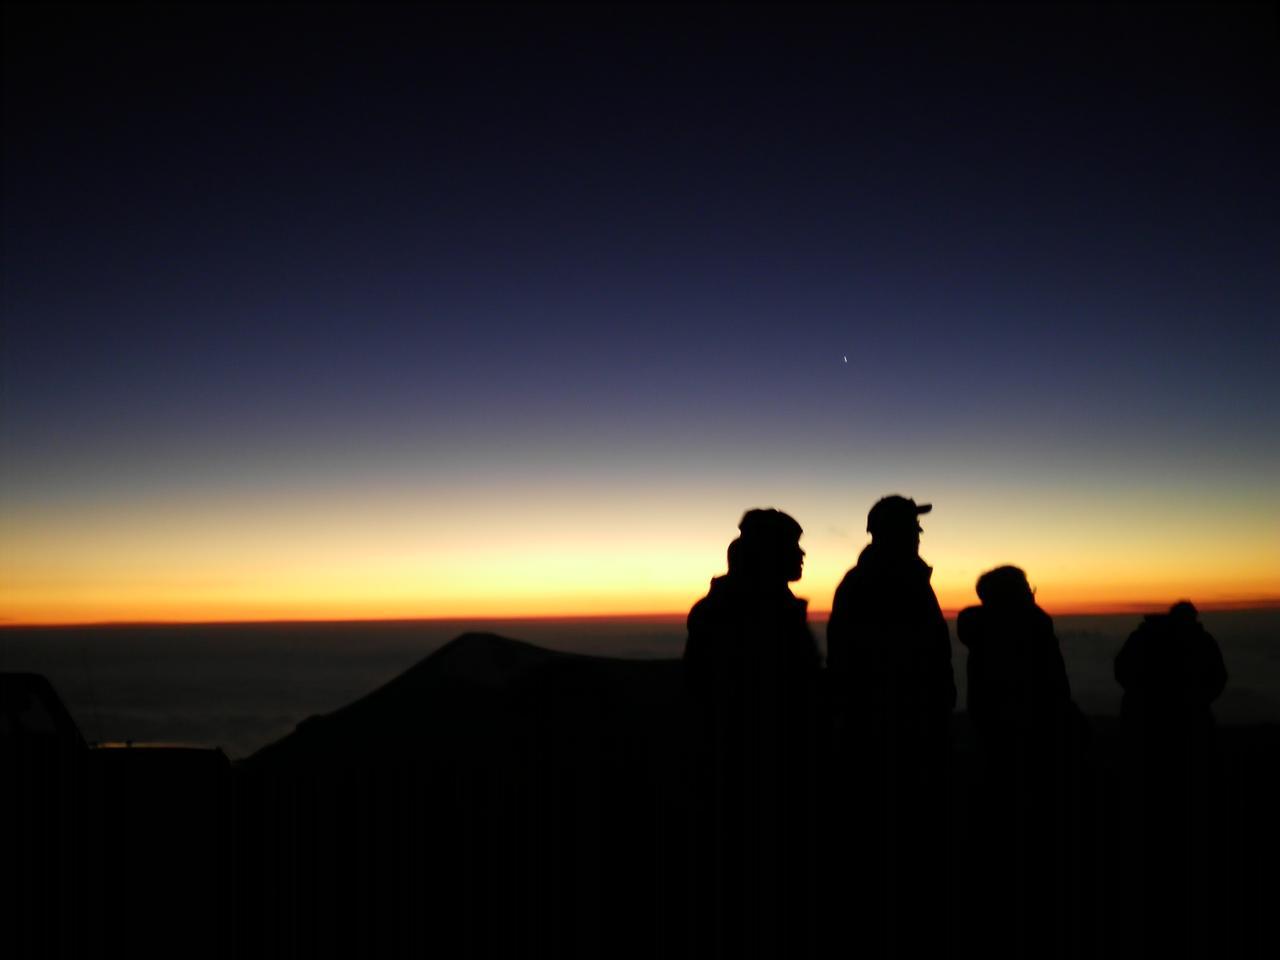 画像2: 【世界をあるく】ツアーのご紹介~ハワイ島大自然満喫ハイキング長谷川ネイチャーガイドとじっくり歩く6日間~